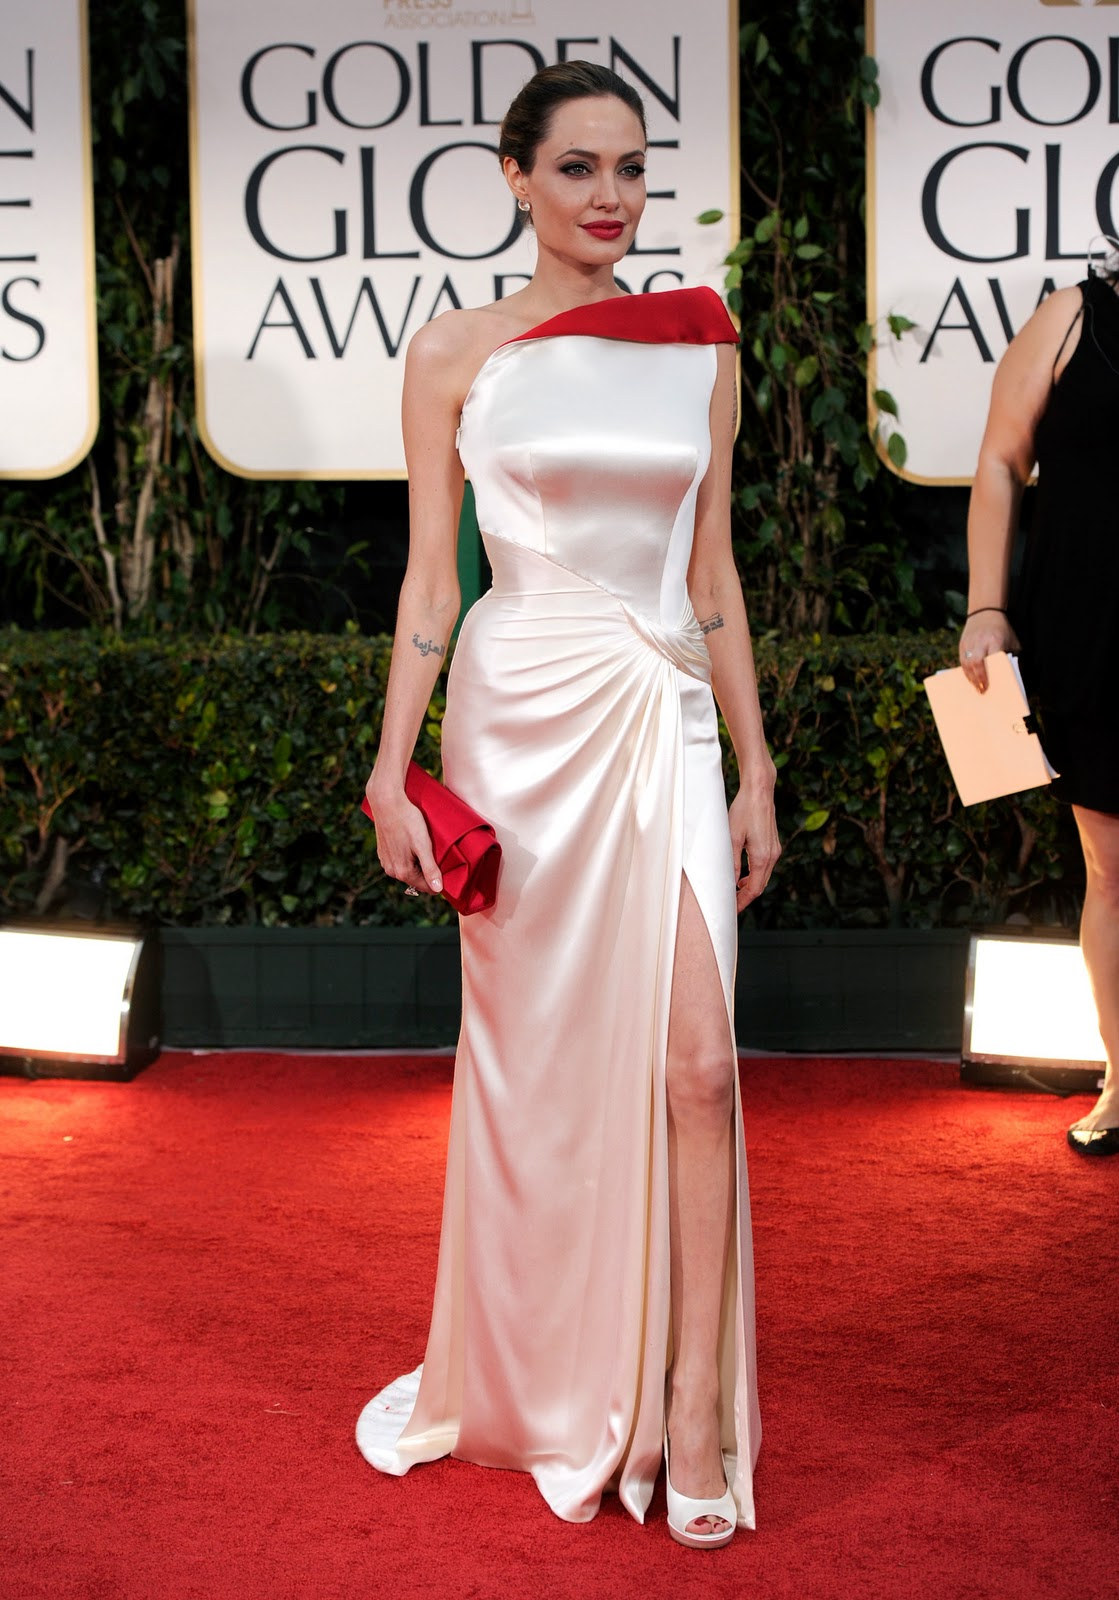 http://1.bp.blogspot.com/-48uhAe89TQQ/Txbyk79WvmI/AAAAAAAACkI/RccCzvUzgVM/s1600/angelina-jolie-golden-globes-awards-2012-01.jpg